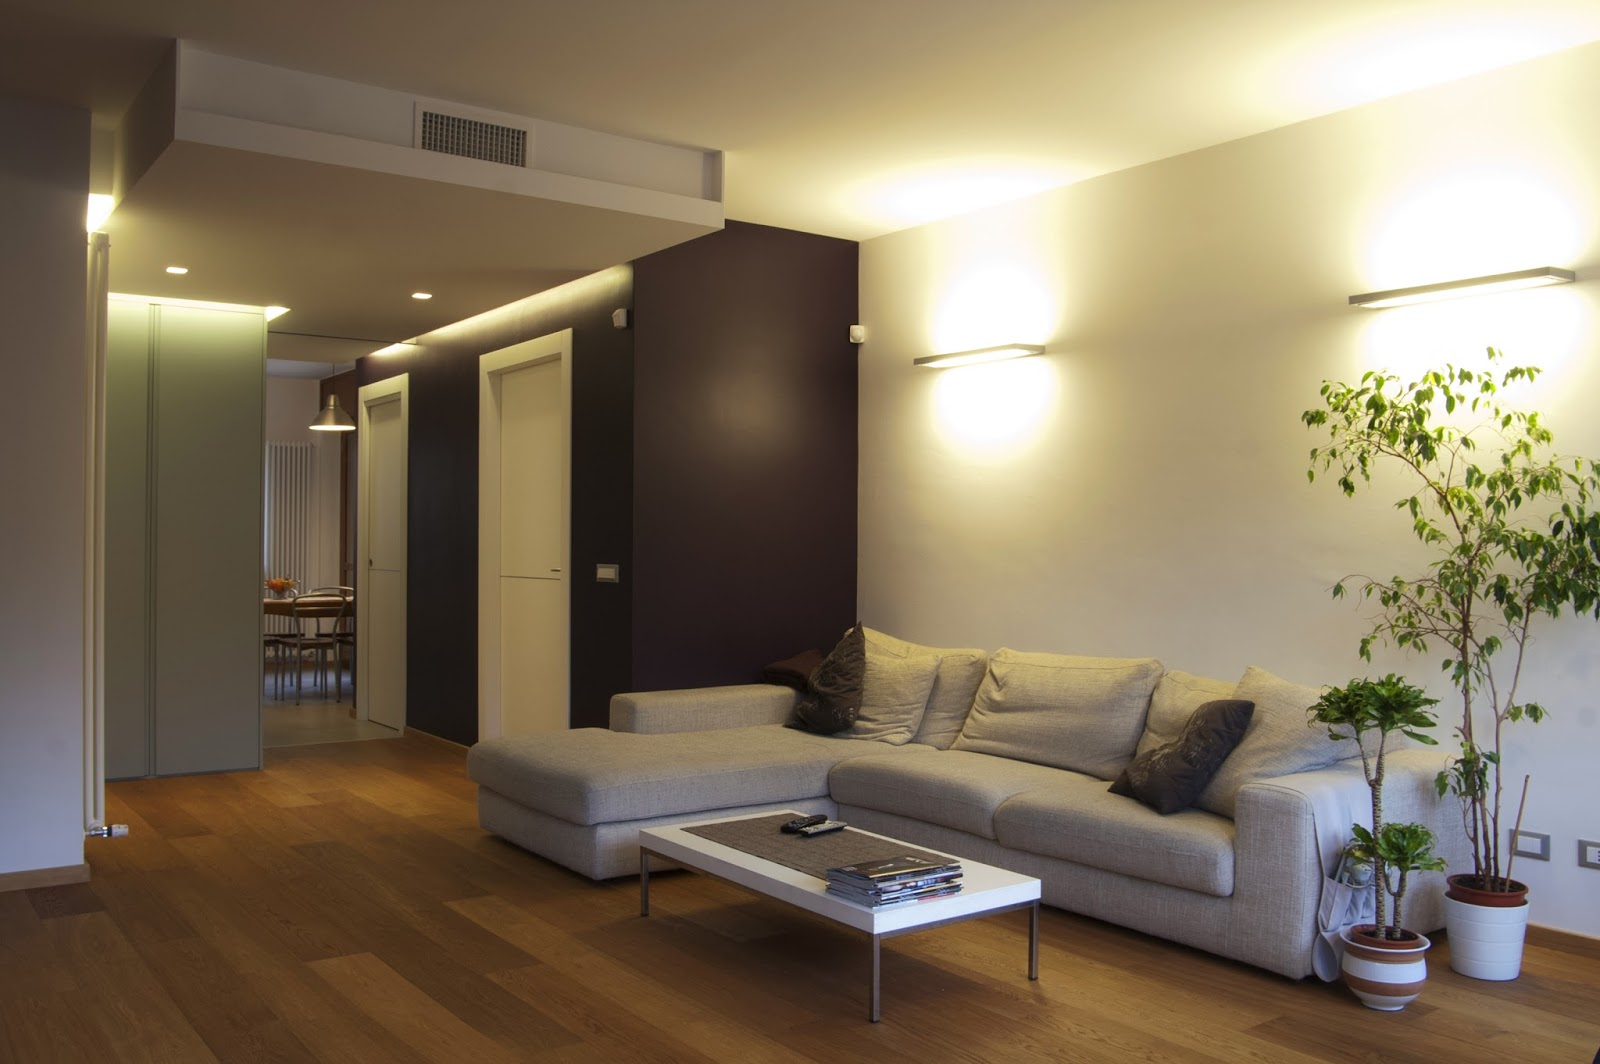 Illuminazione per soffitto con travi in legno: consigli per